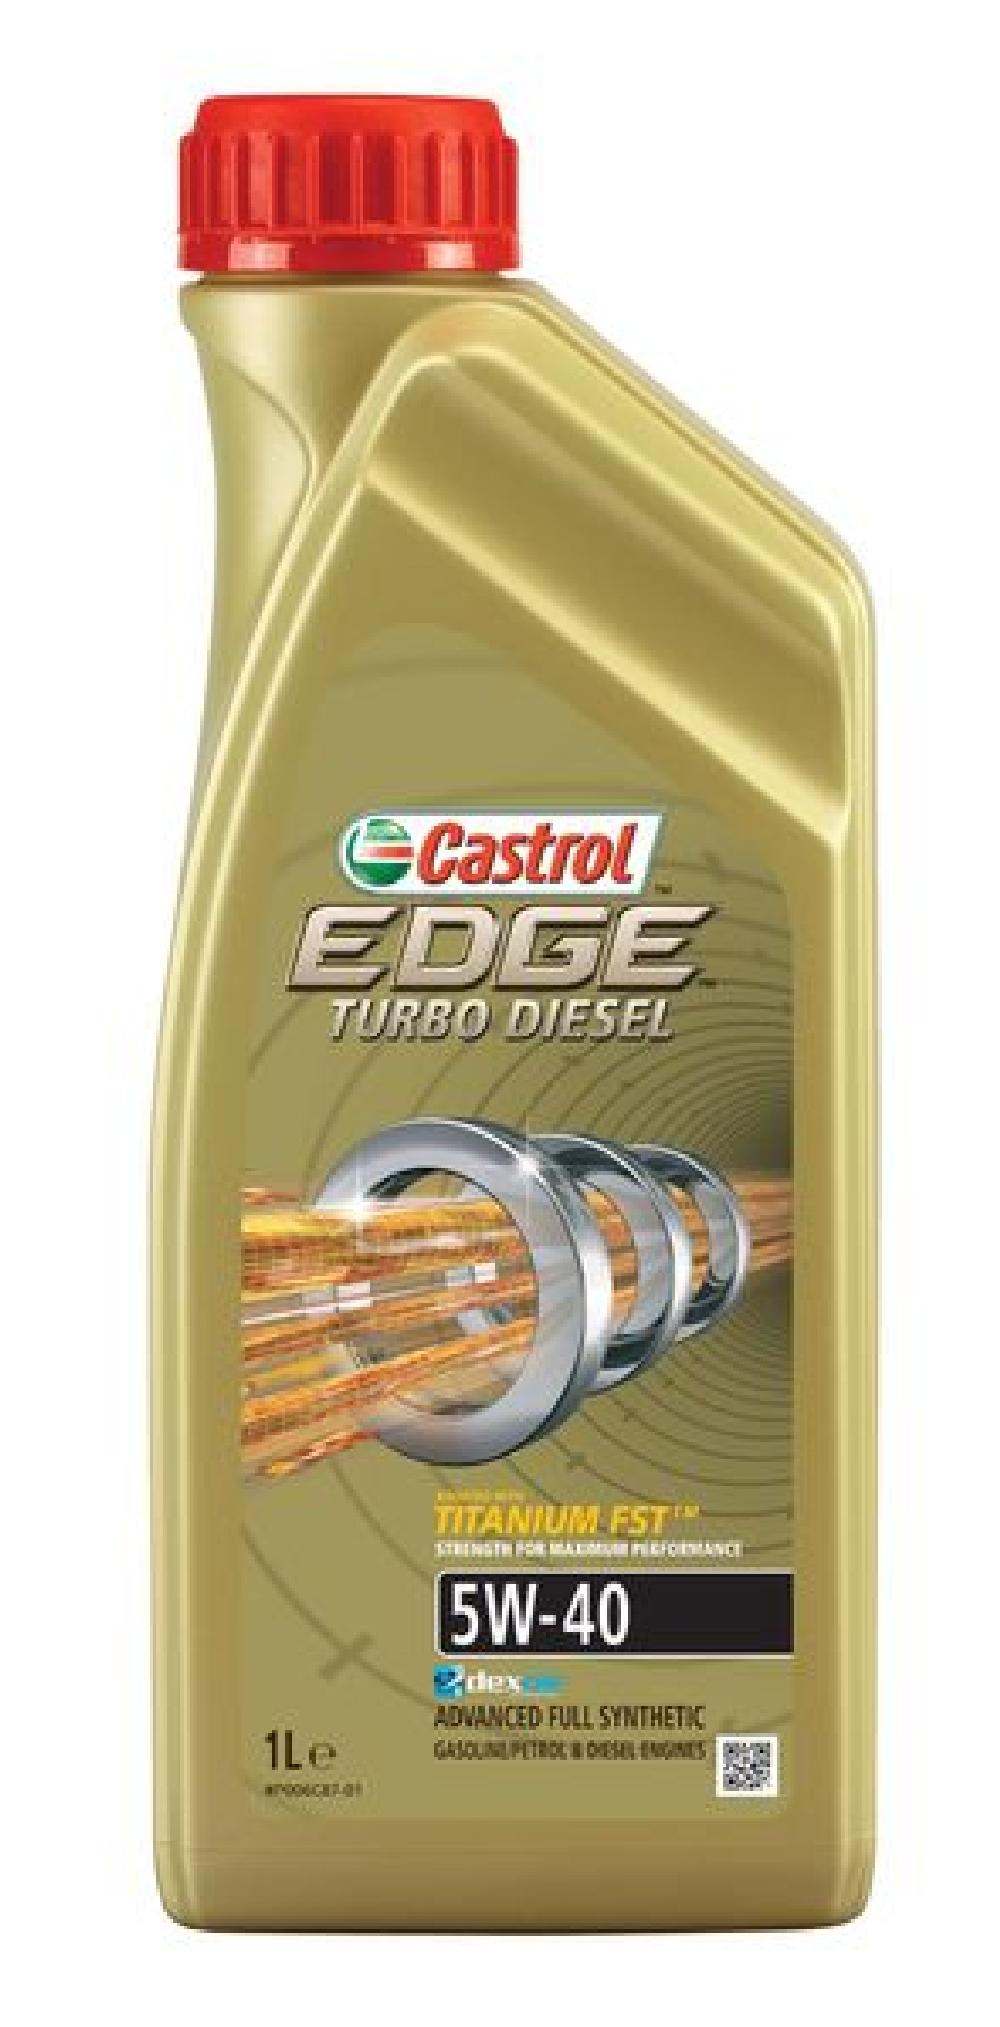 ULEI CASTROL EDGE TD 5W-40